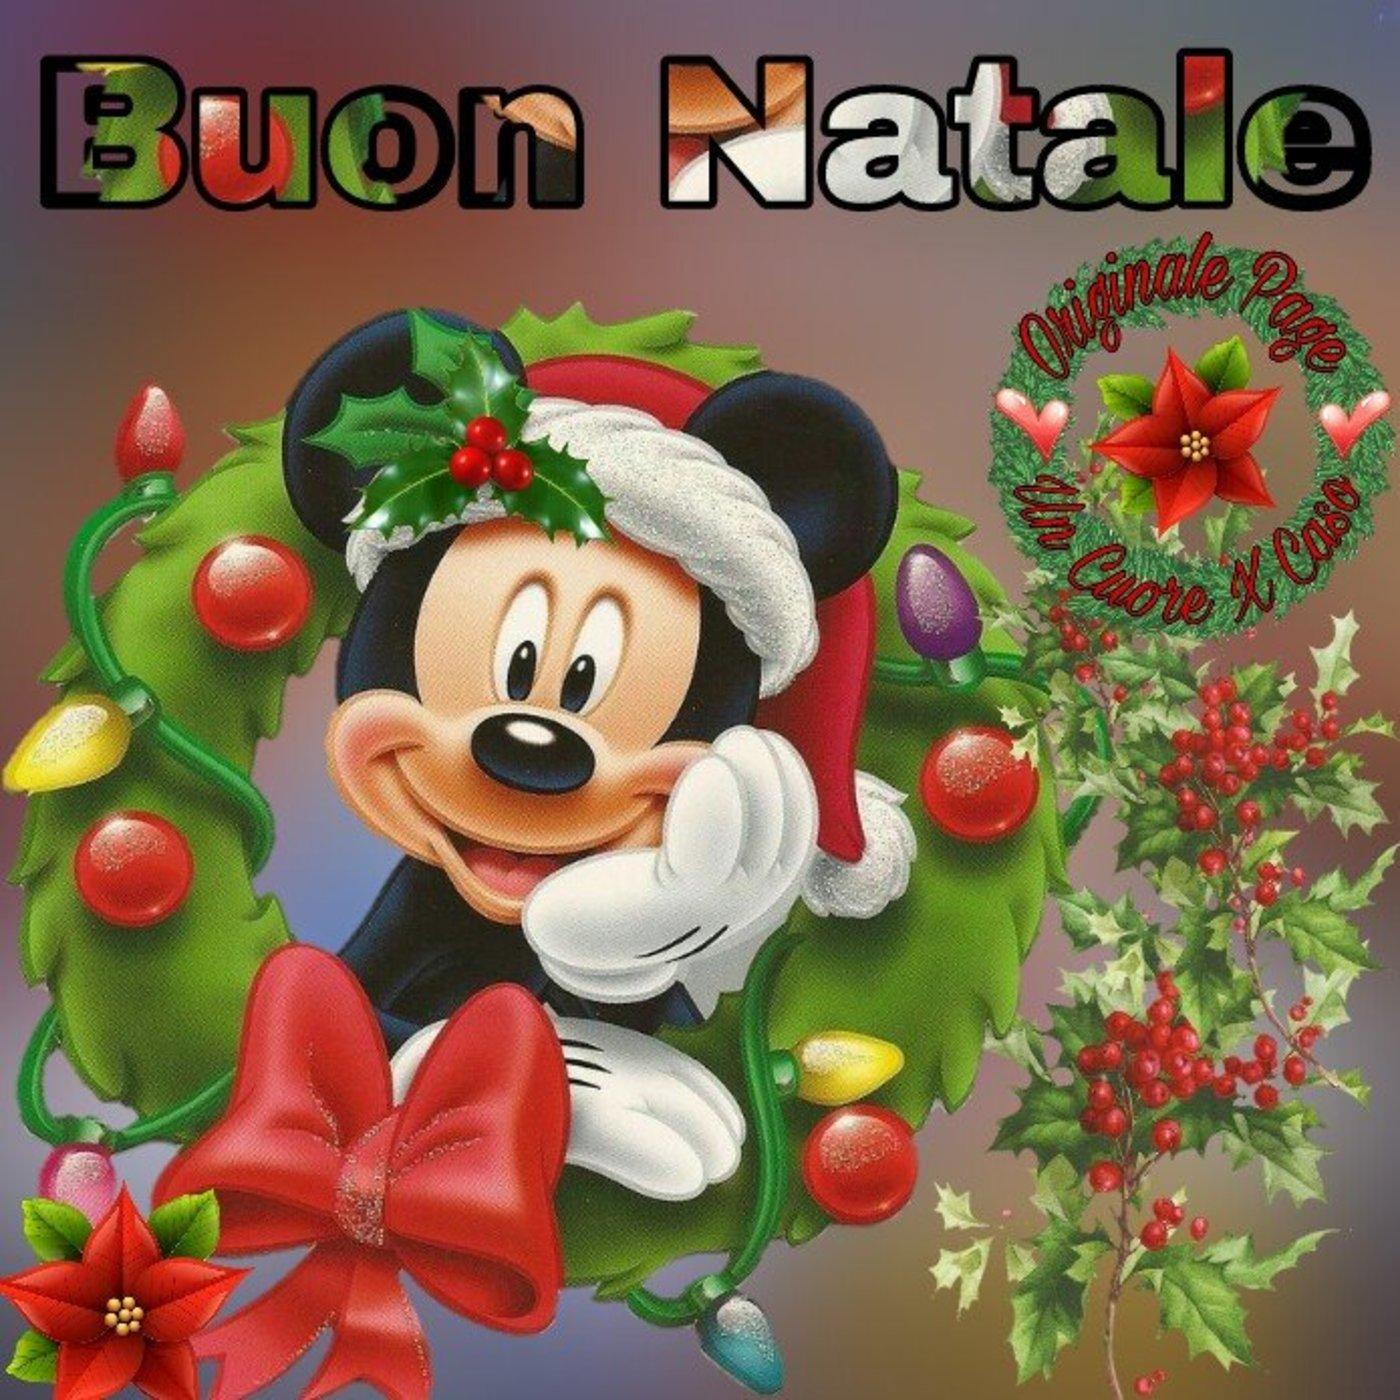 Immagini Buon Natale Disney.Buon Natale Immagini Disney Bellissimeimmagini It